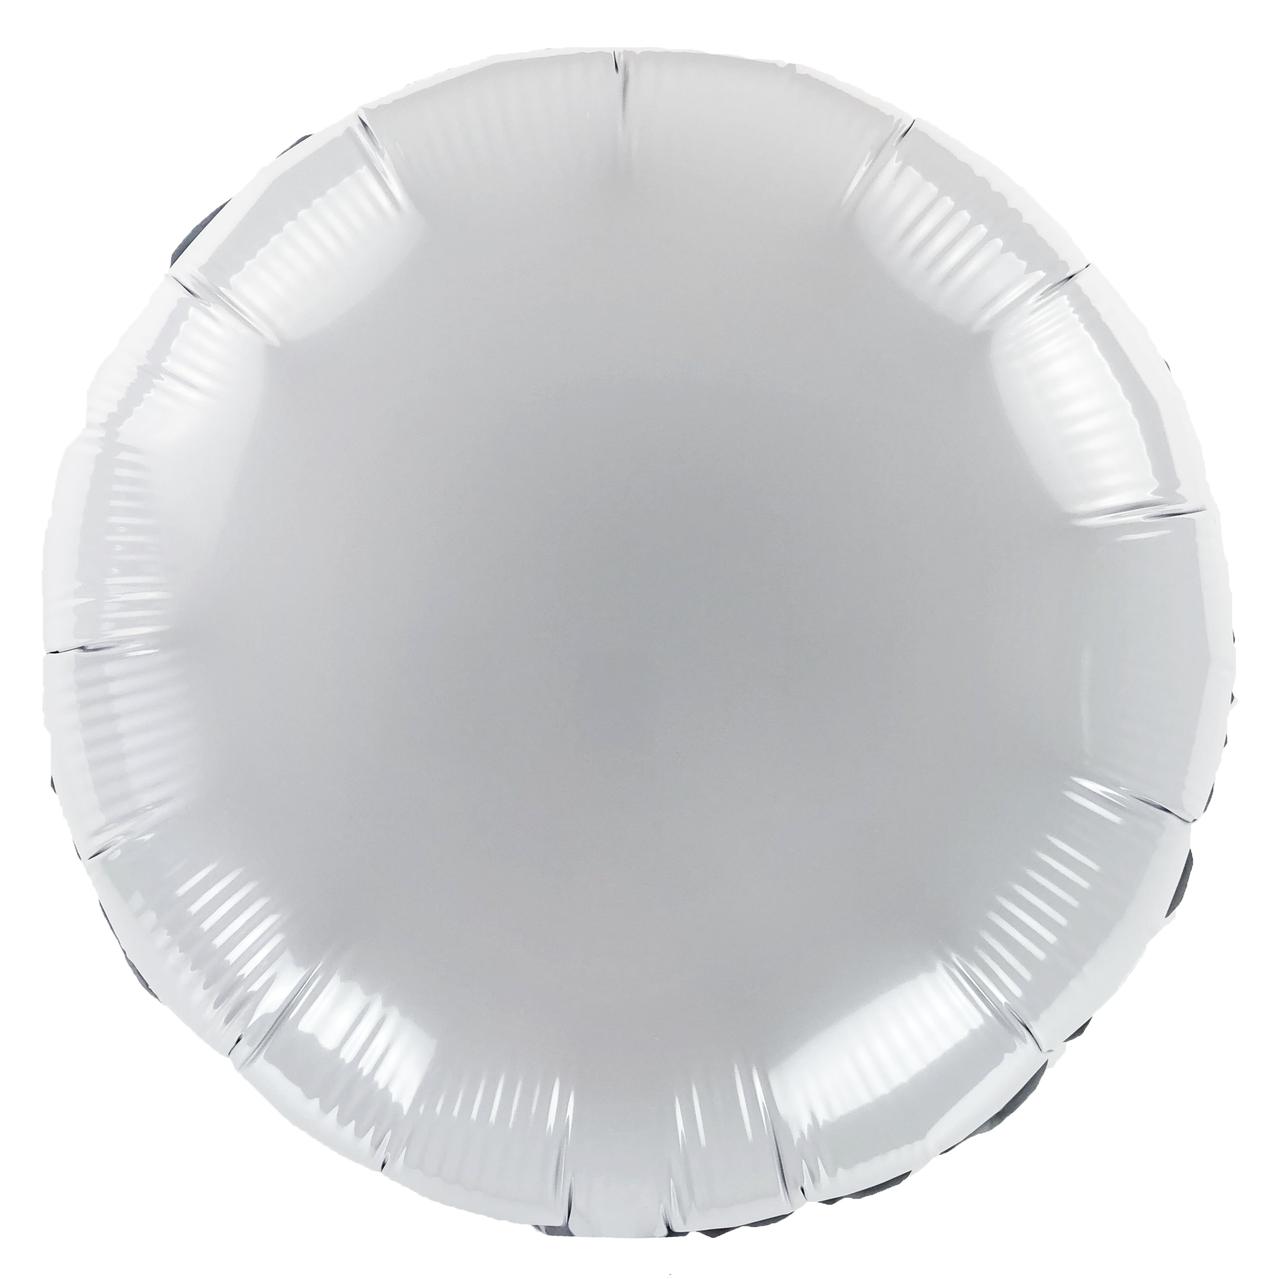 Фольгированный шар 18' Китай Круг белый, 45 см